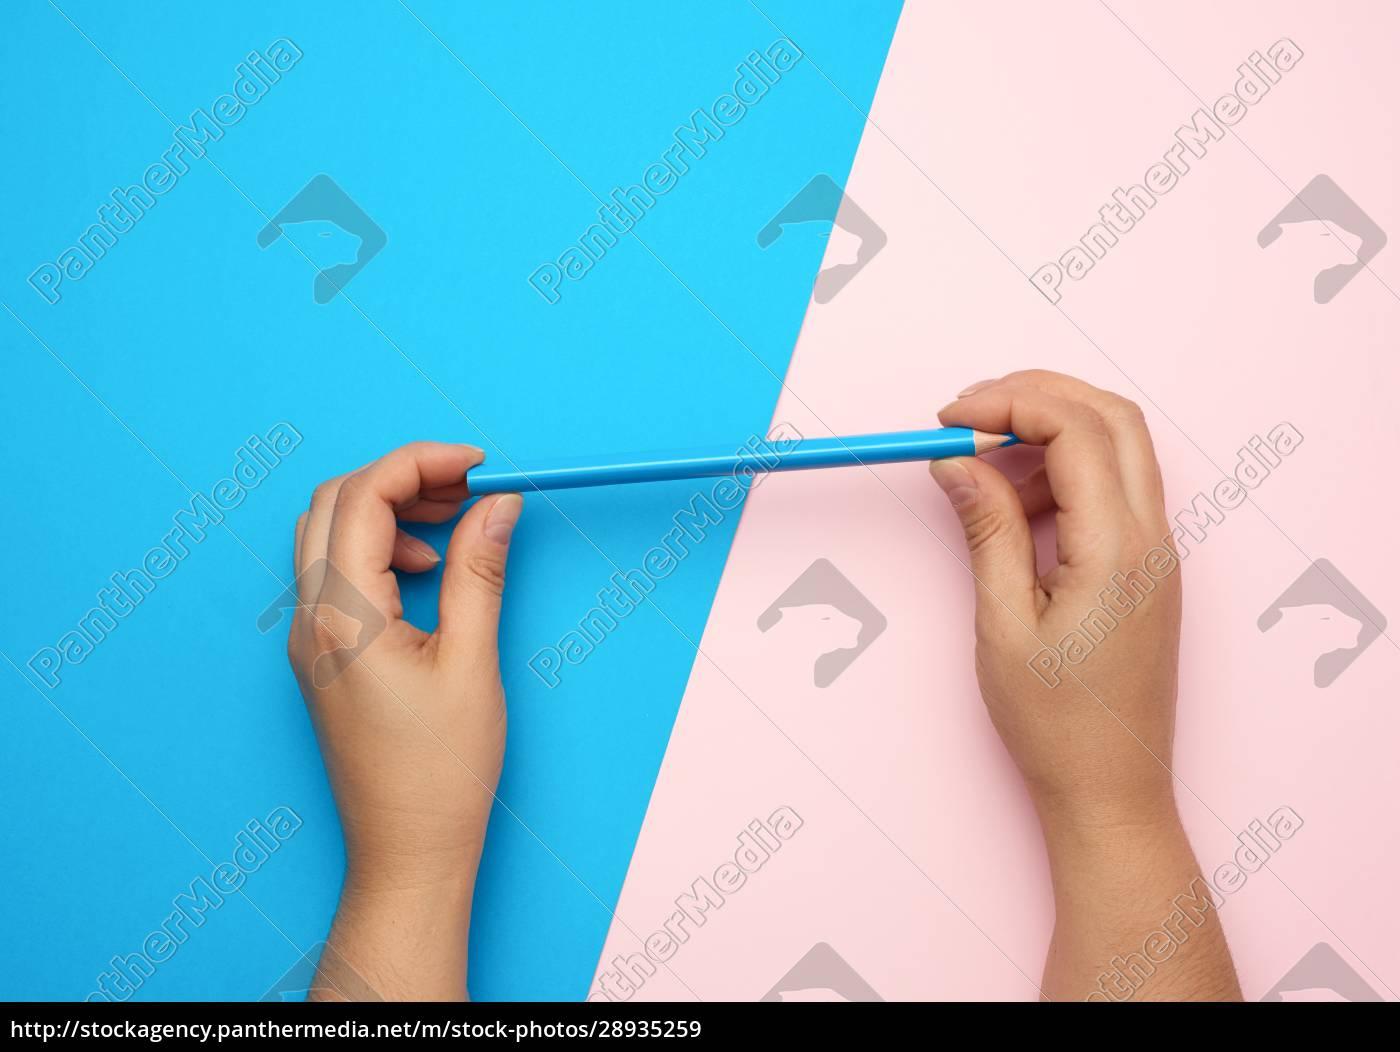 dos, manos, femeninas, sostienen, un, lápiz - 28935259